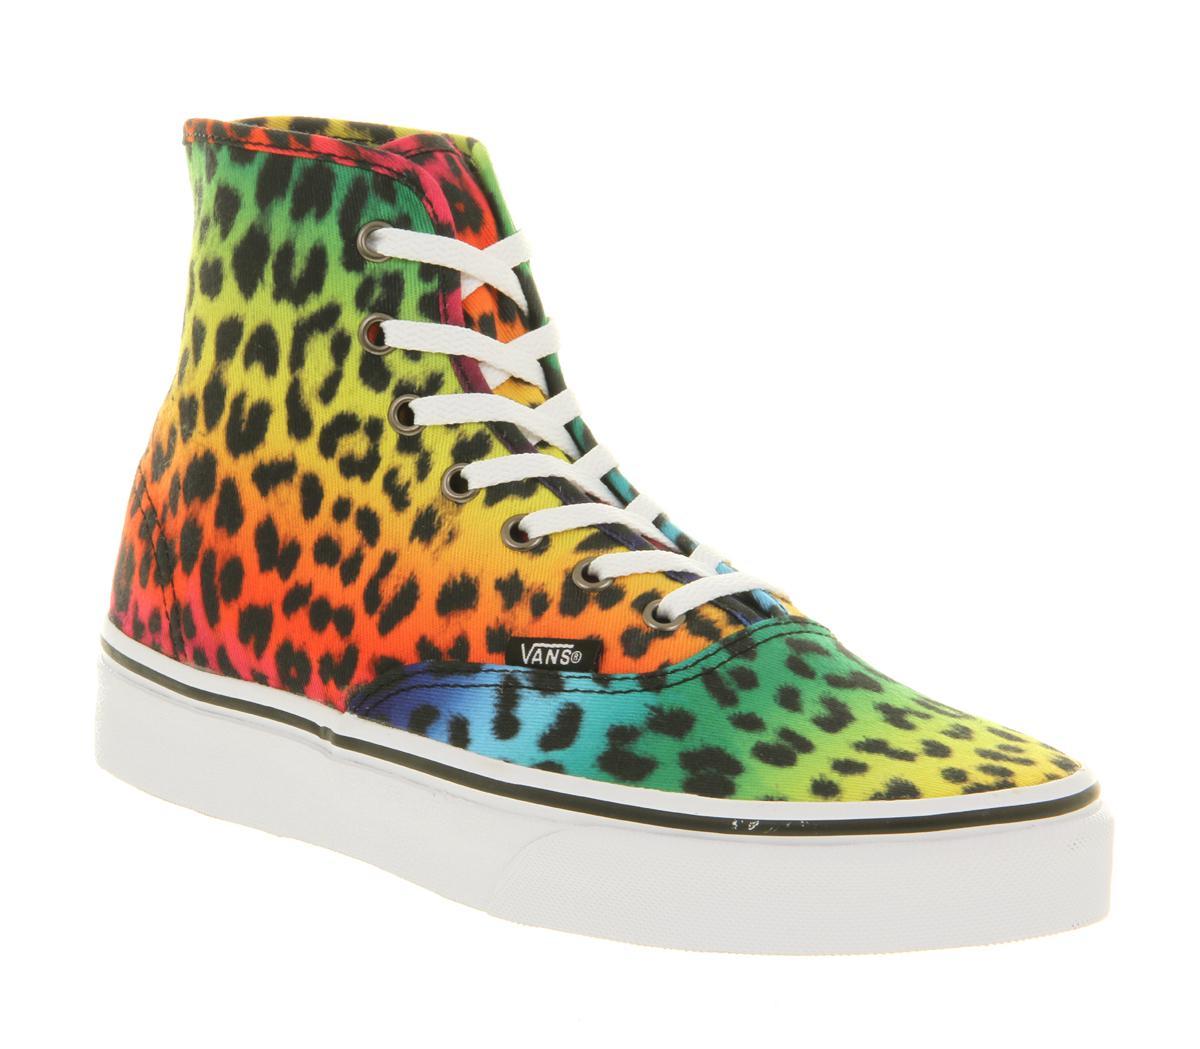 Lyst - Vans Authentic Hi Leopard Black Rainbow for Men 31f9154e7